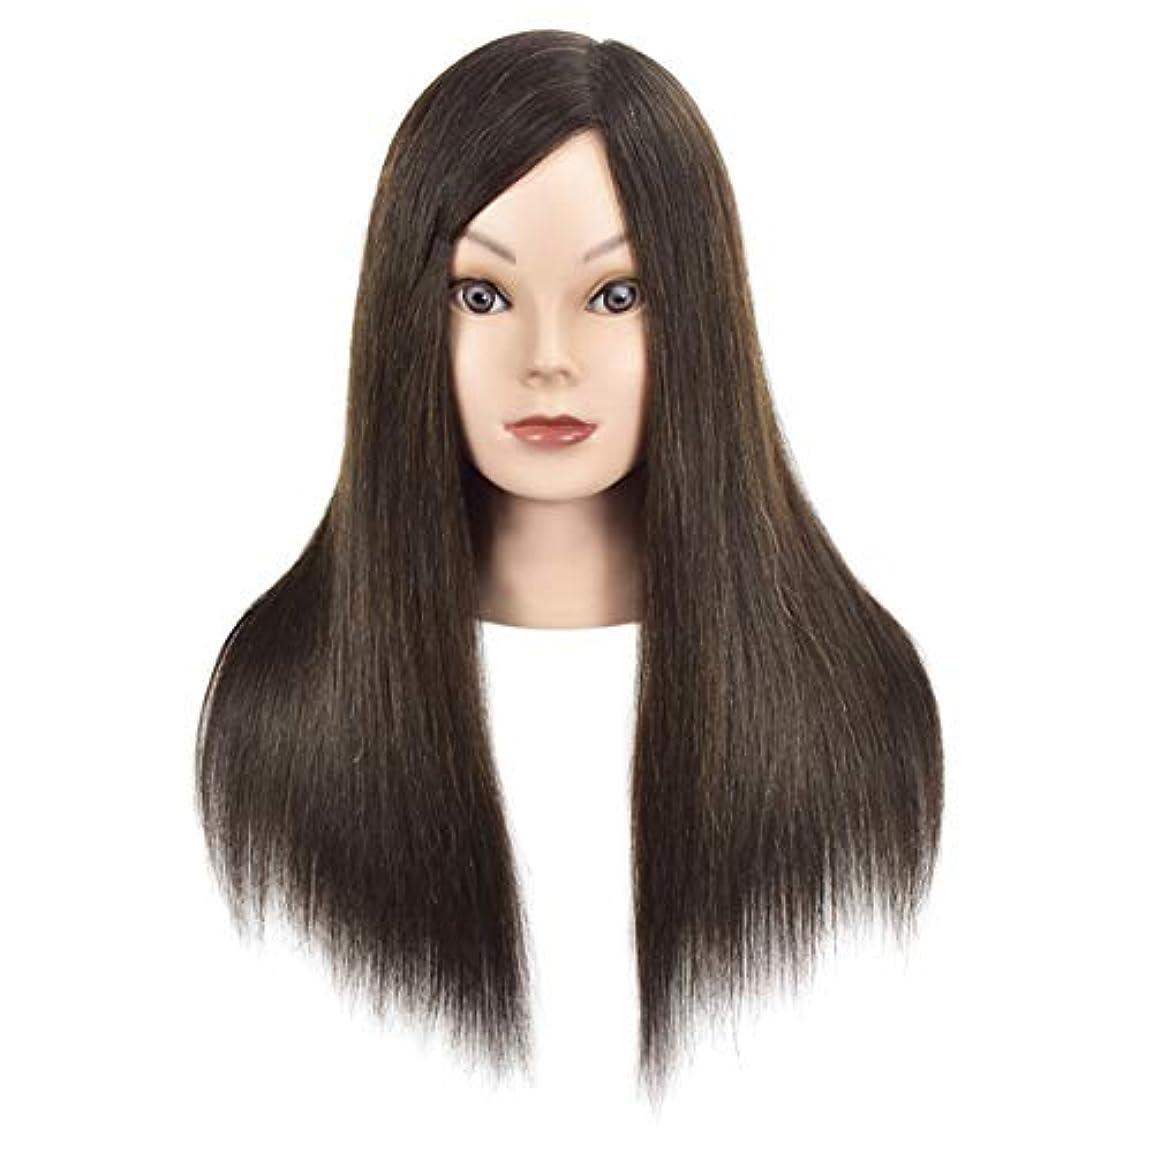 バウンド計器地上で理髪店トリミングヘアエクササイズヘッドモールドメイクモデリング学習マネキンダミーヘッドブラック